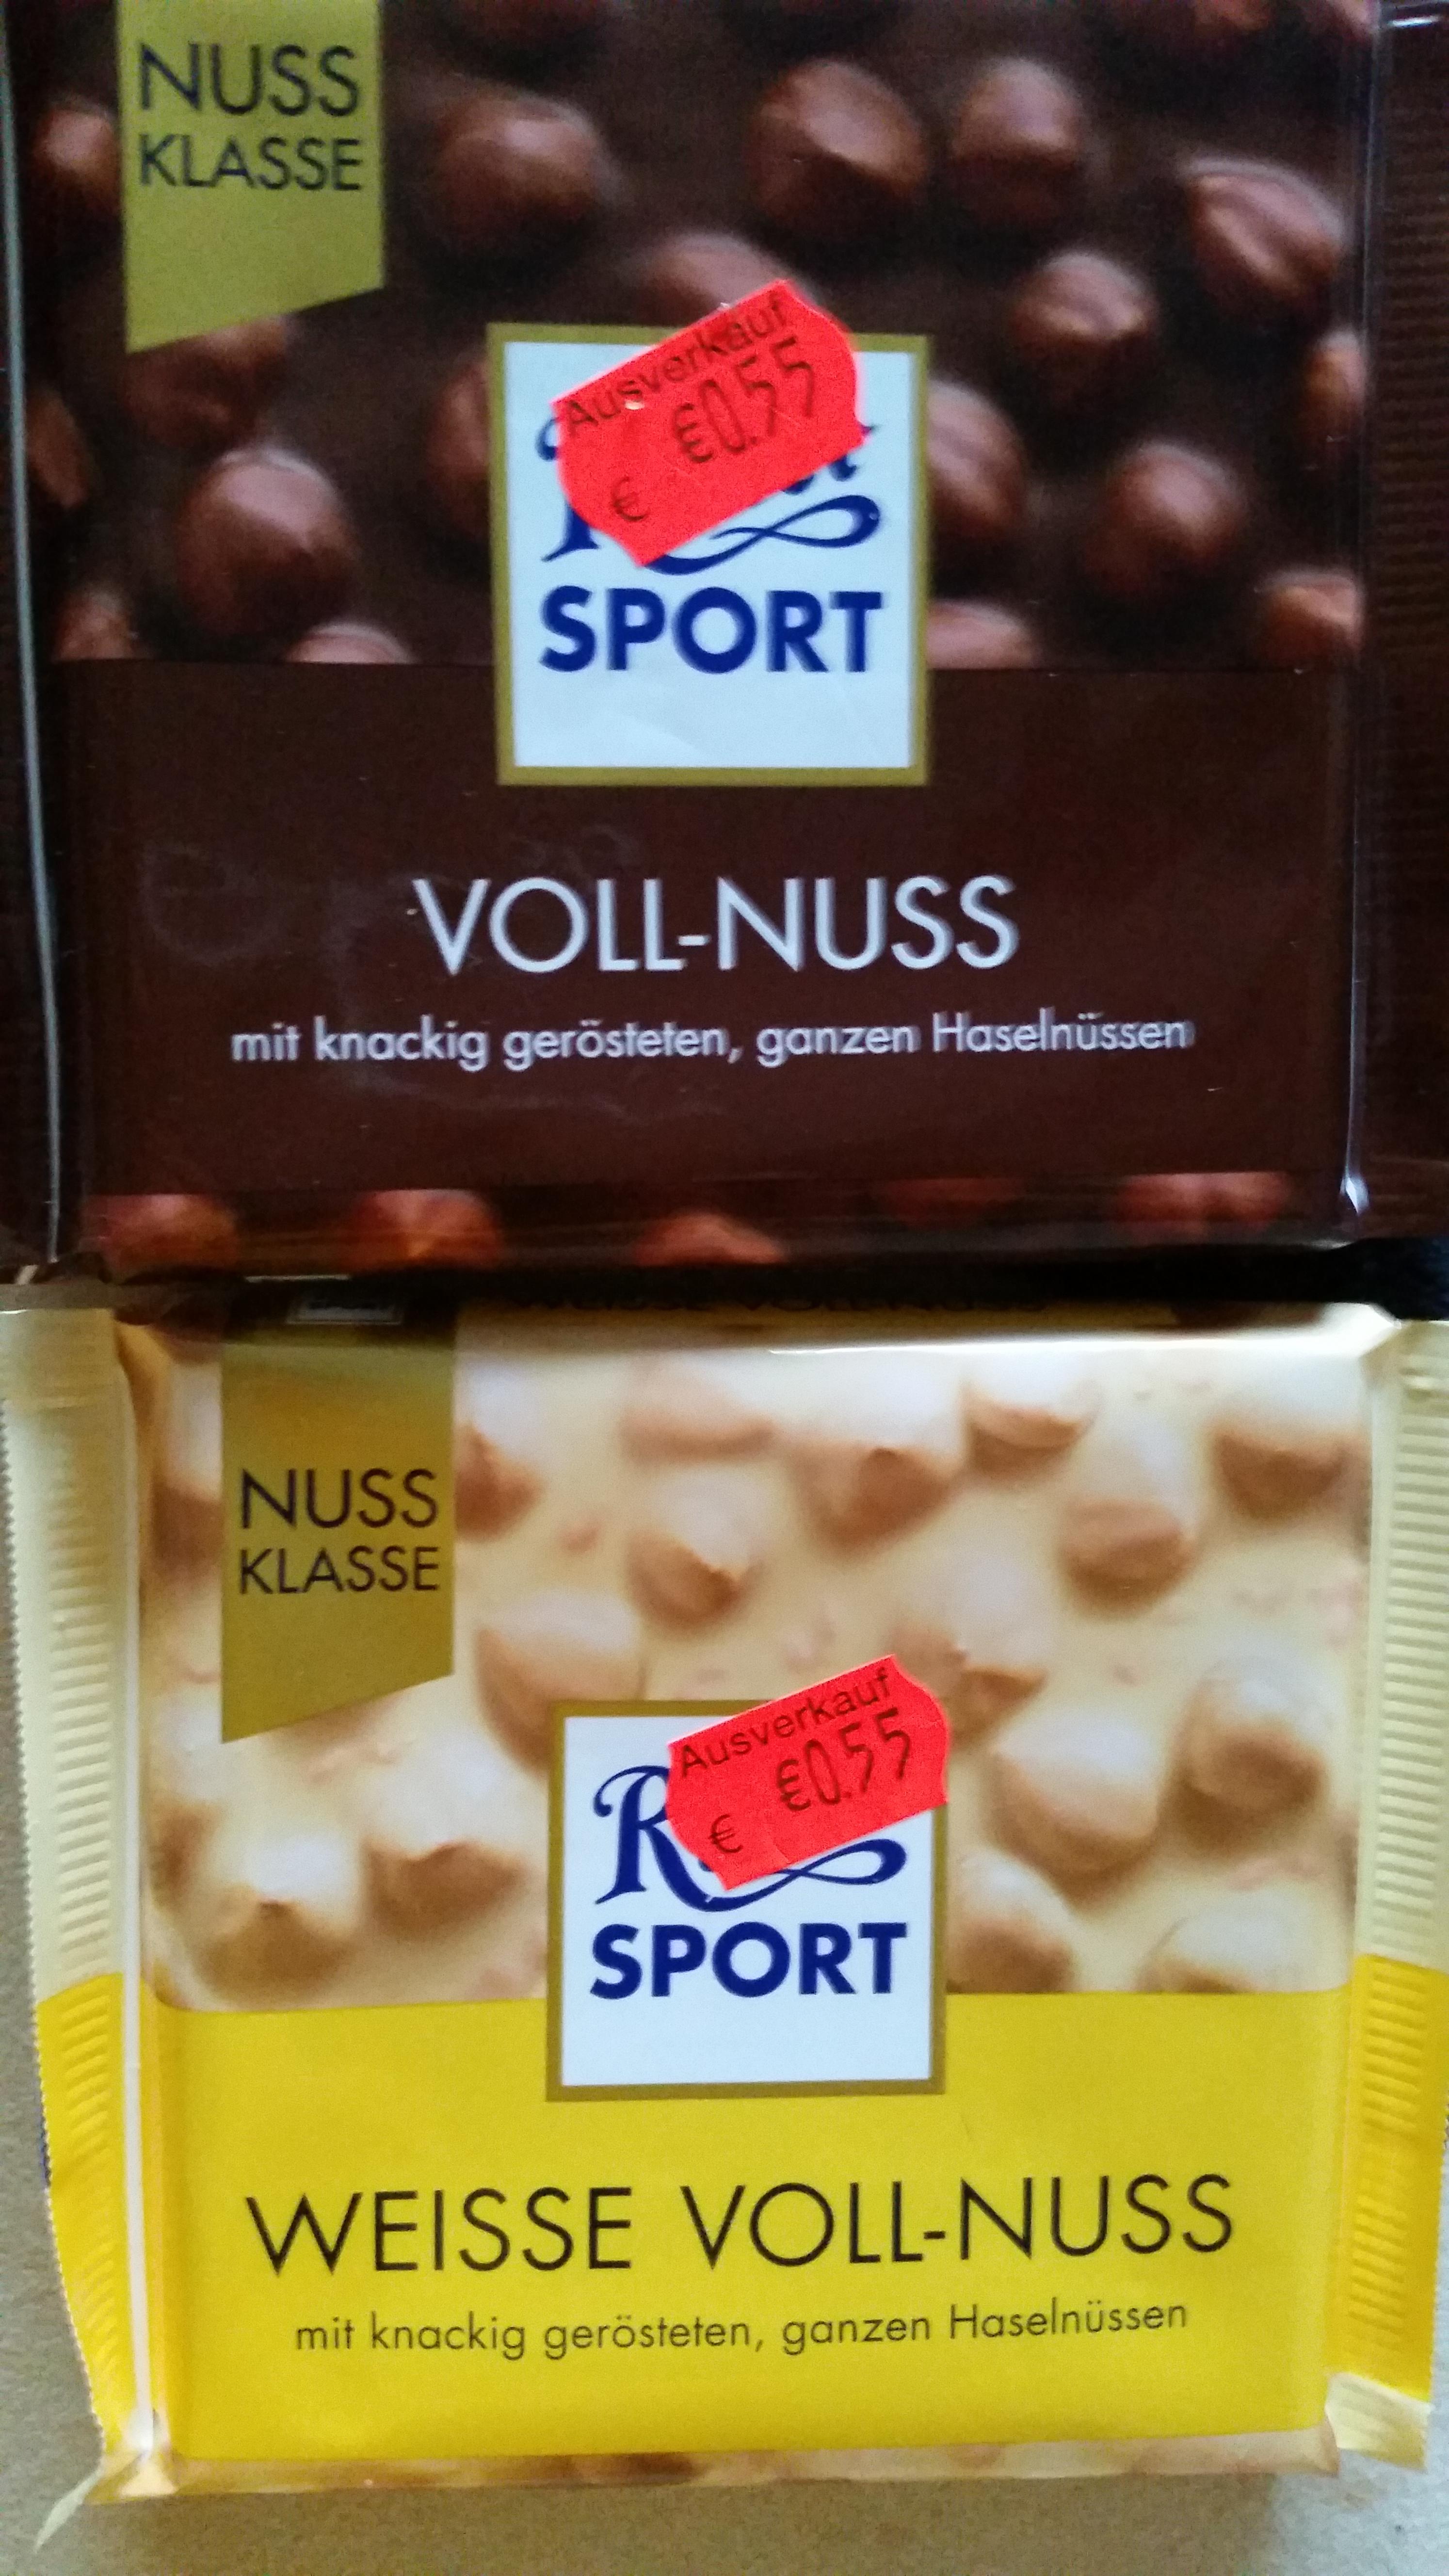 Ritter Sport 100g VOLL-NUSS und WEIßE VOLL-NUSS für einen Endpreis von 0,50€ und Funny Frisch Chipsfrisch für 0,67€ bei ROSSMANN